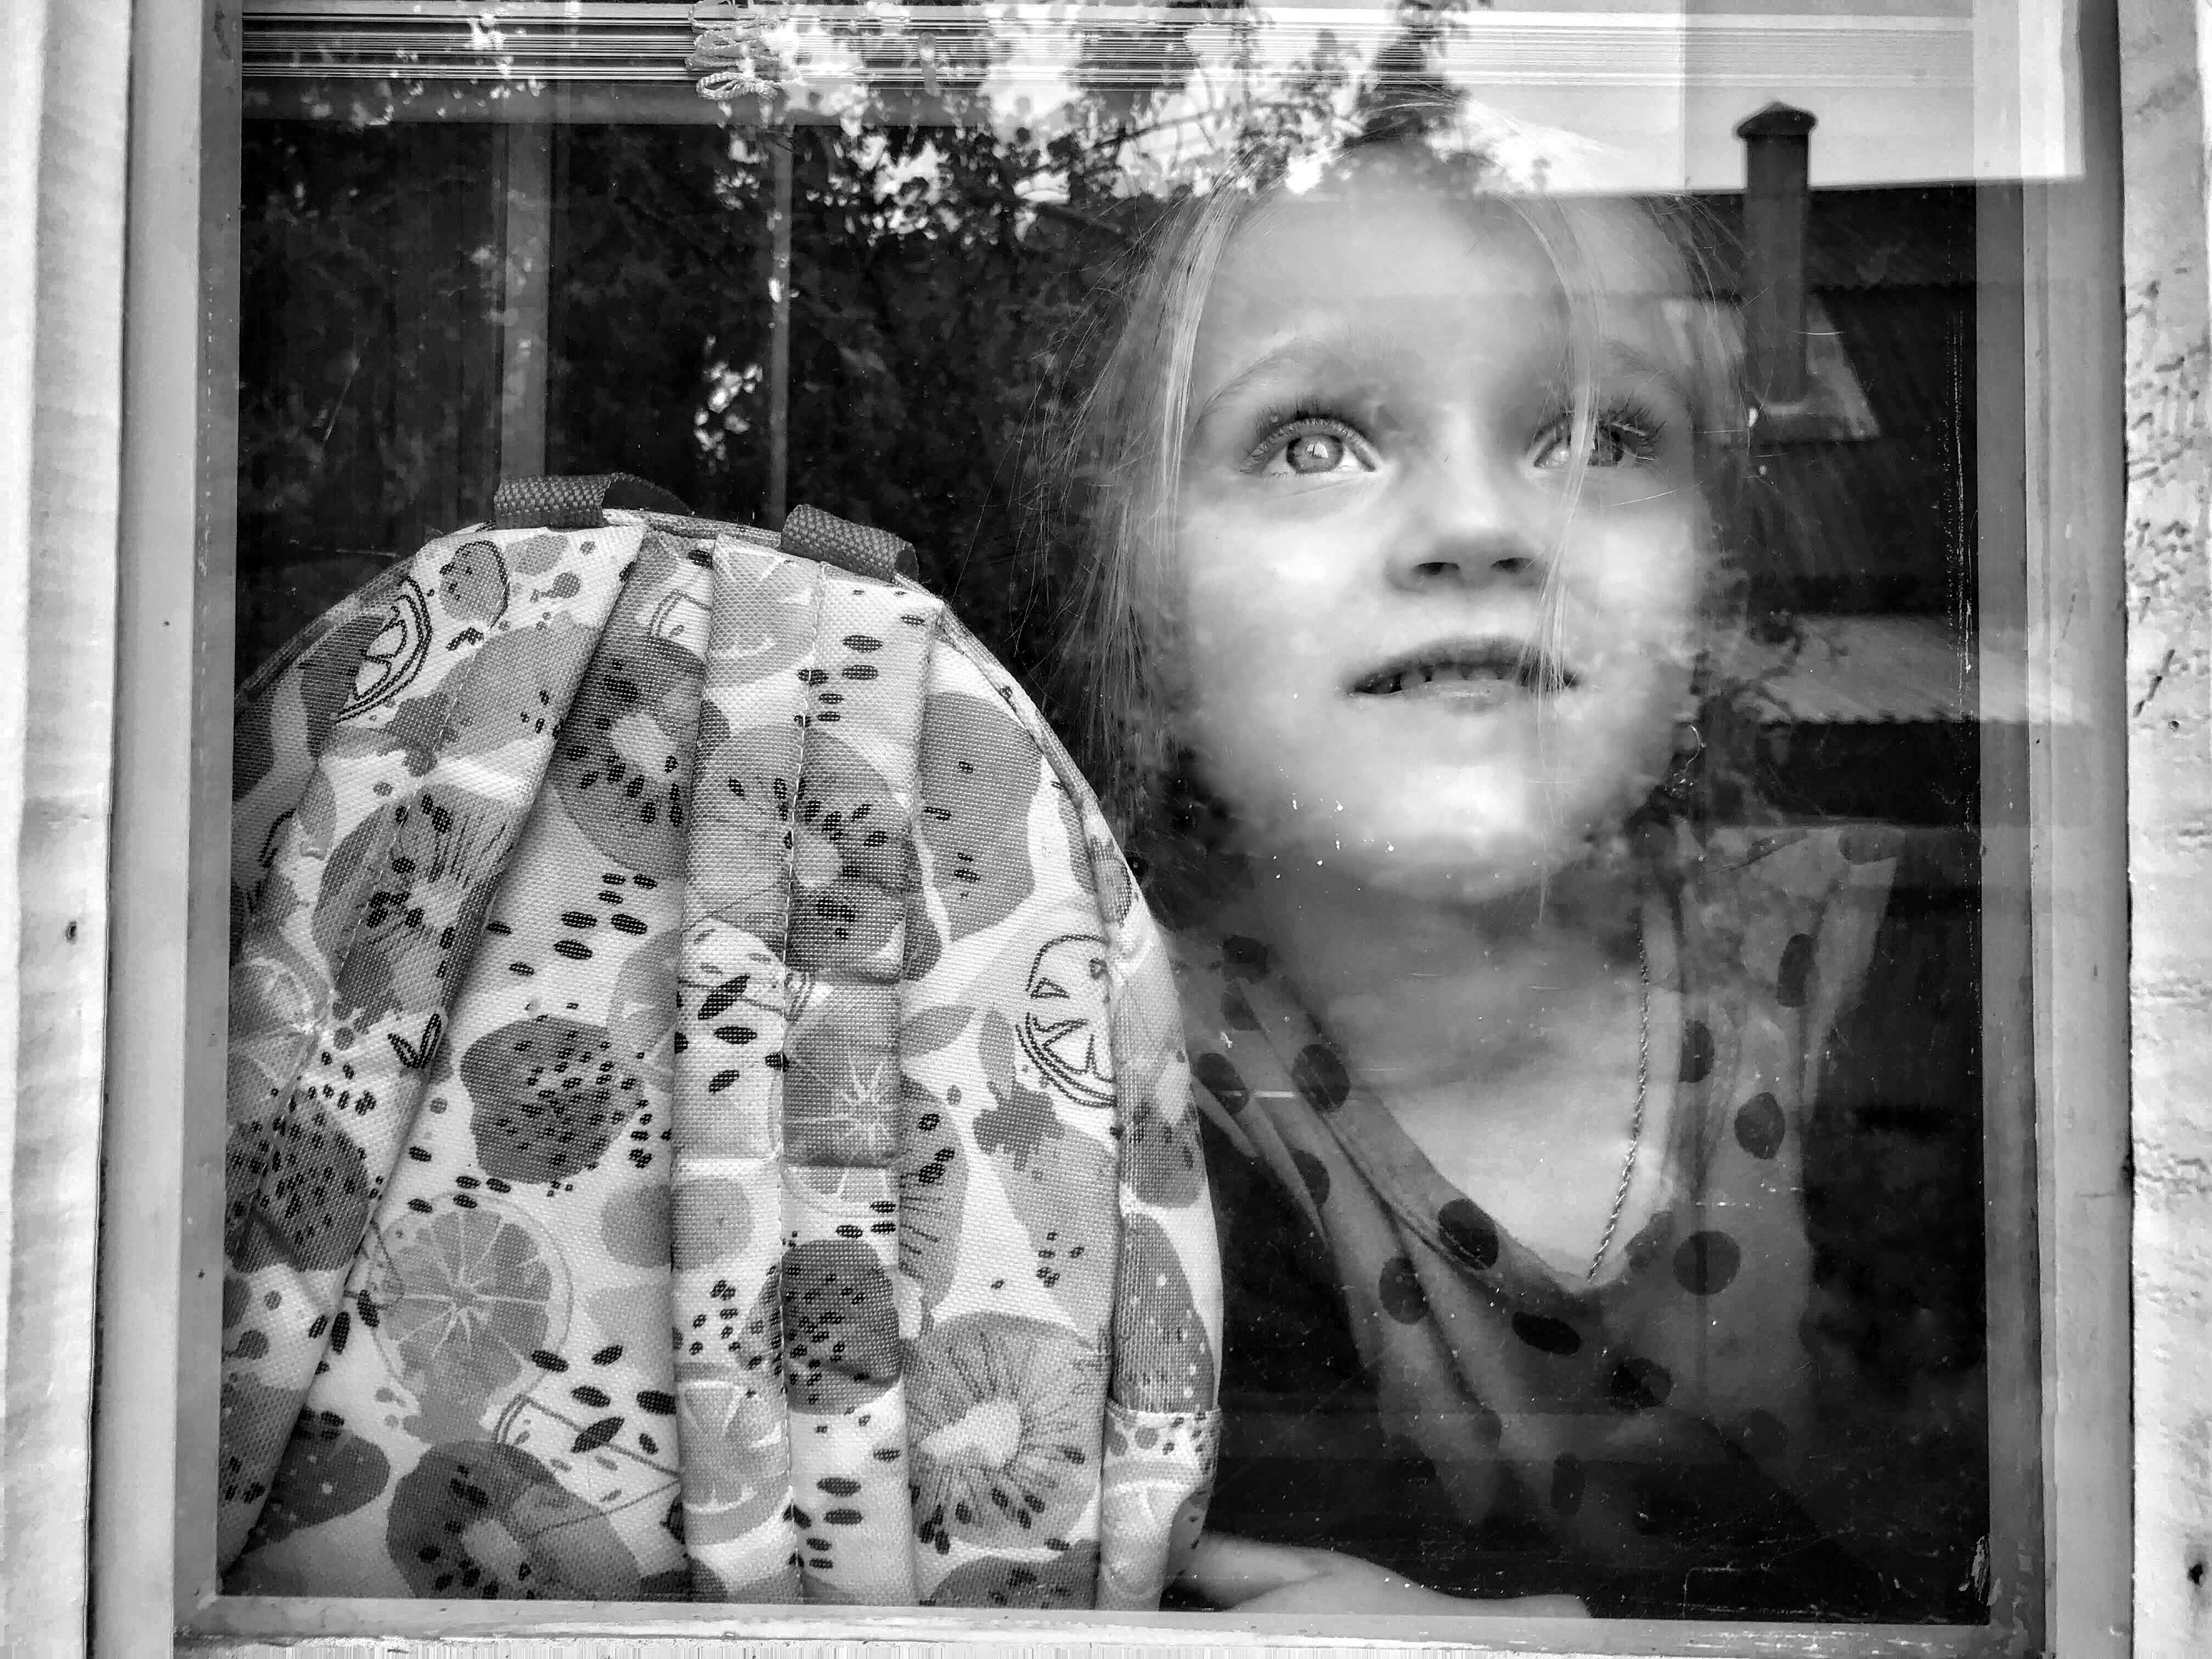 детство, семья, портрет, чб, childhood, family, portrait, bw, bnw , Сергей Гойшик